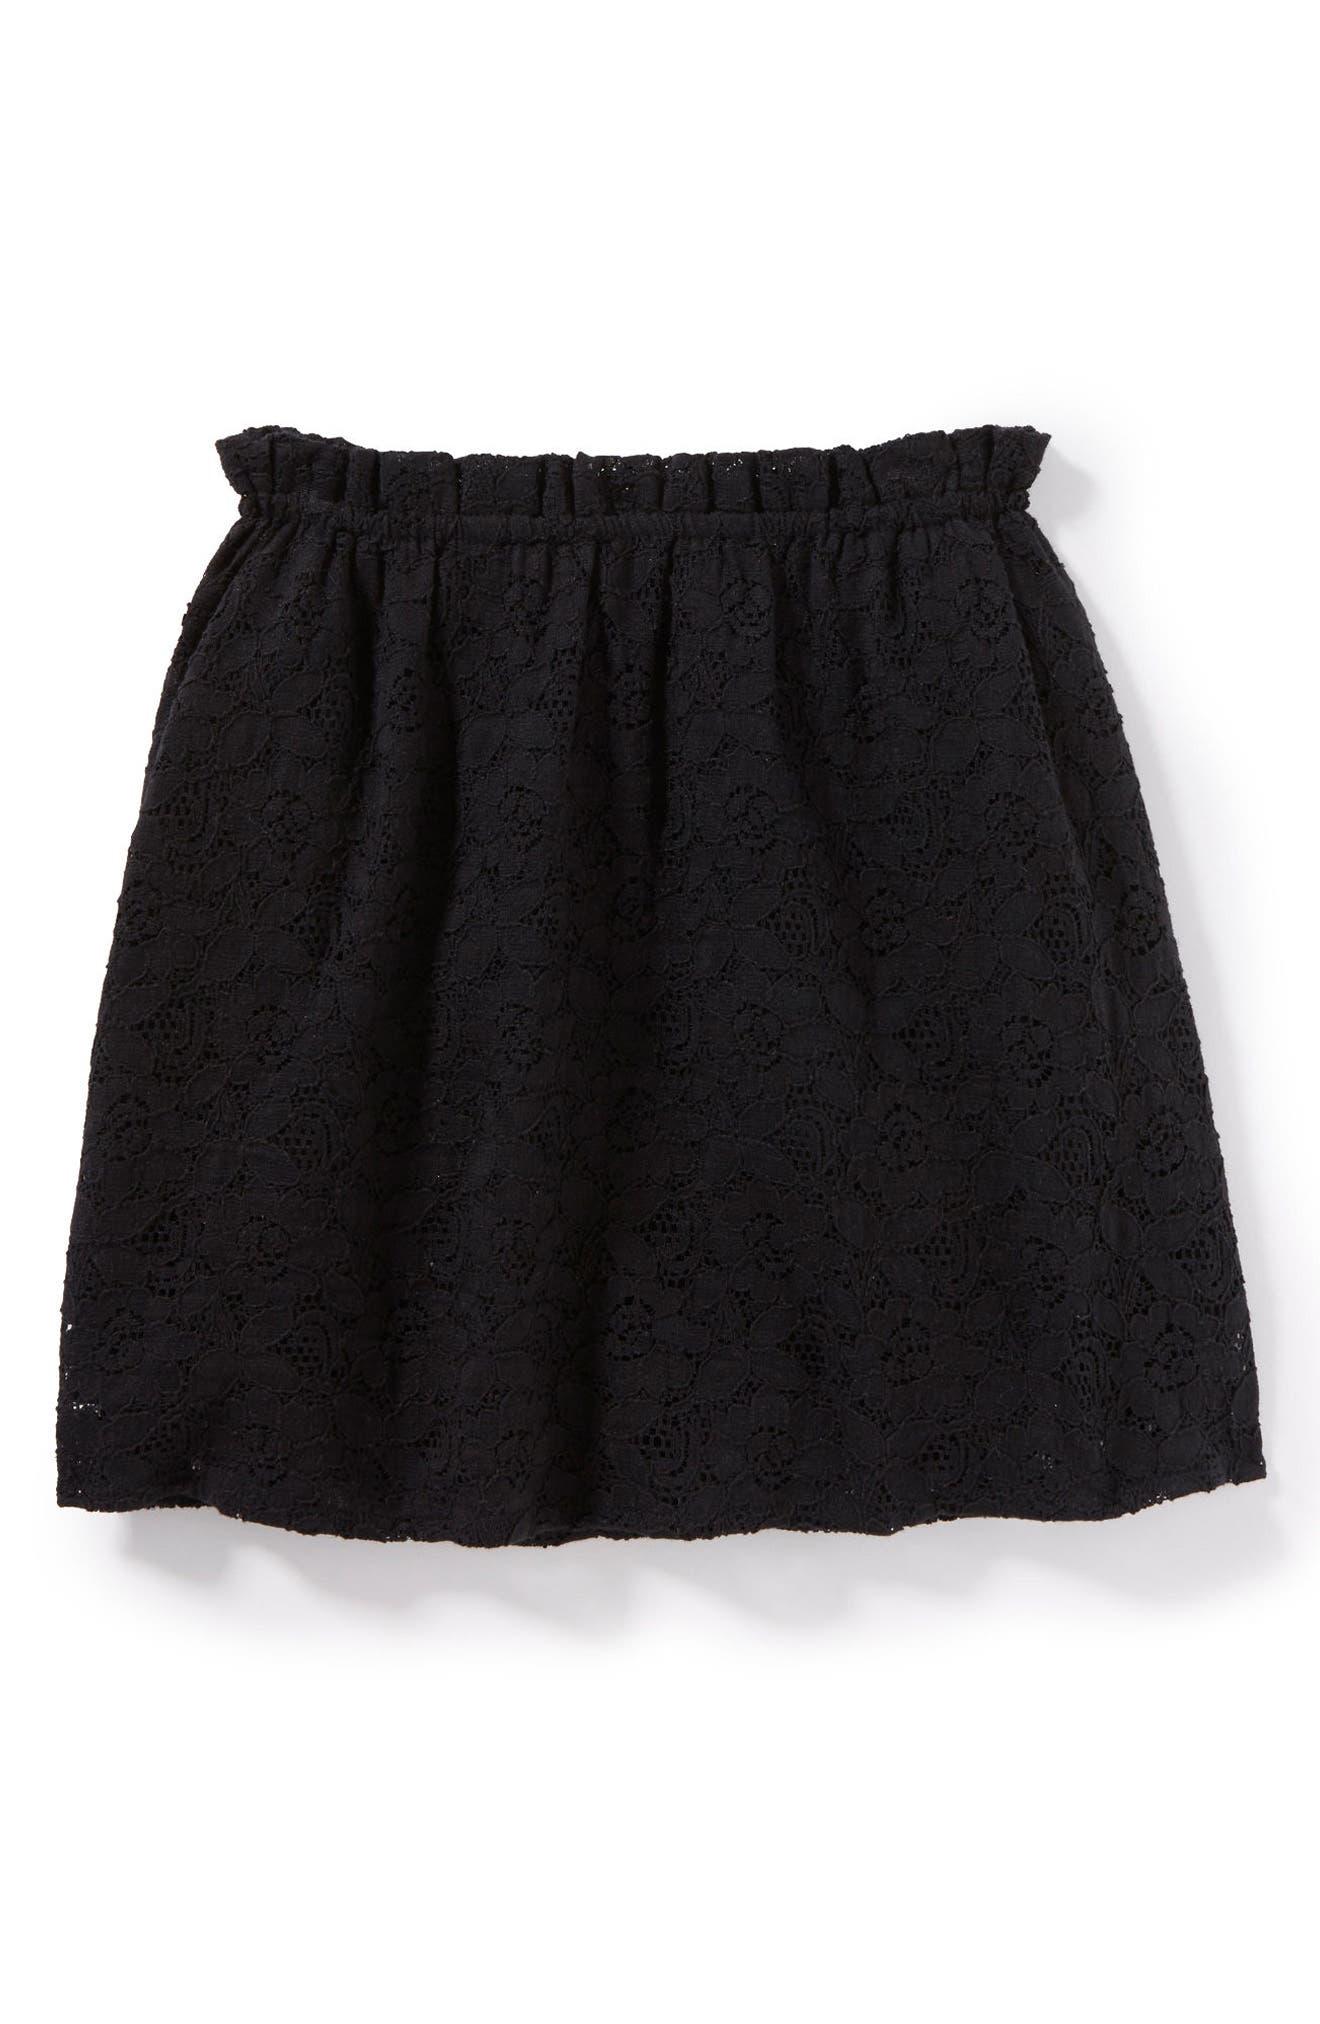 Main Image - Peek Renee Lace Skirt (Toddler Girls, Little Girls & Big Girls)